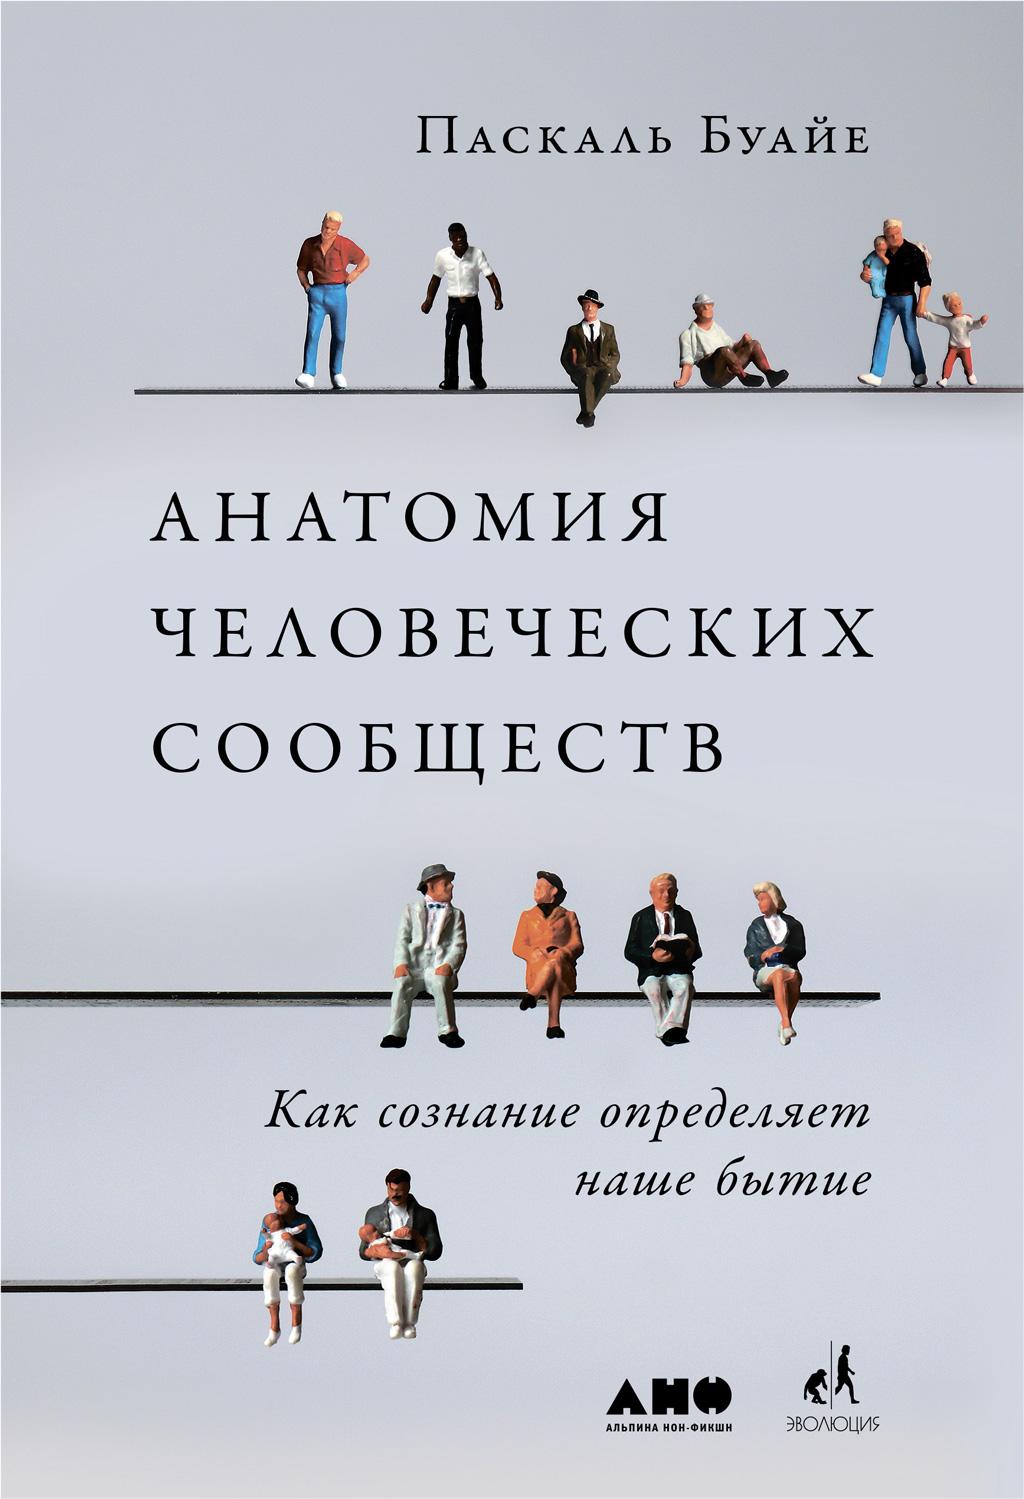 Анатомия человеческих сообществ